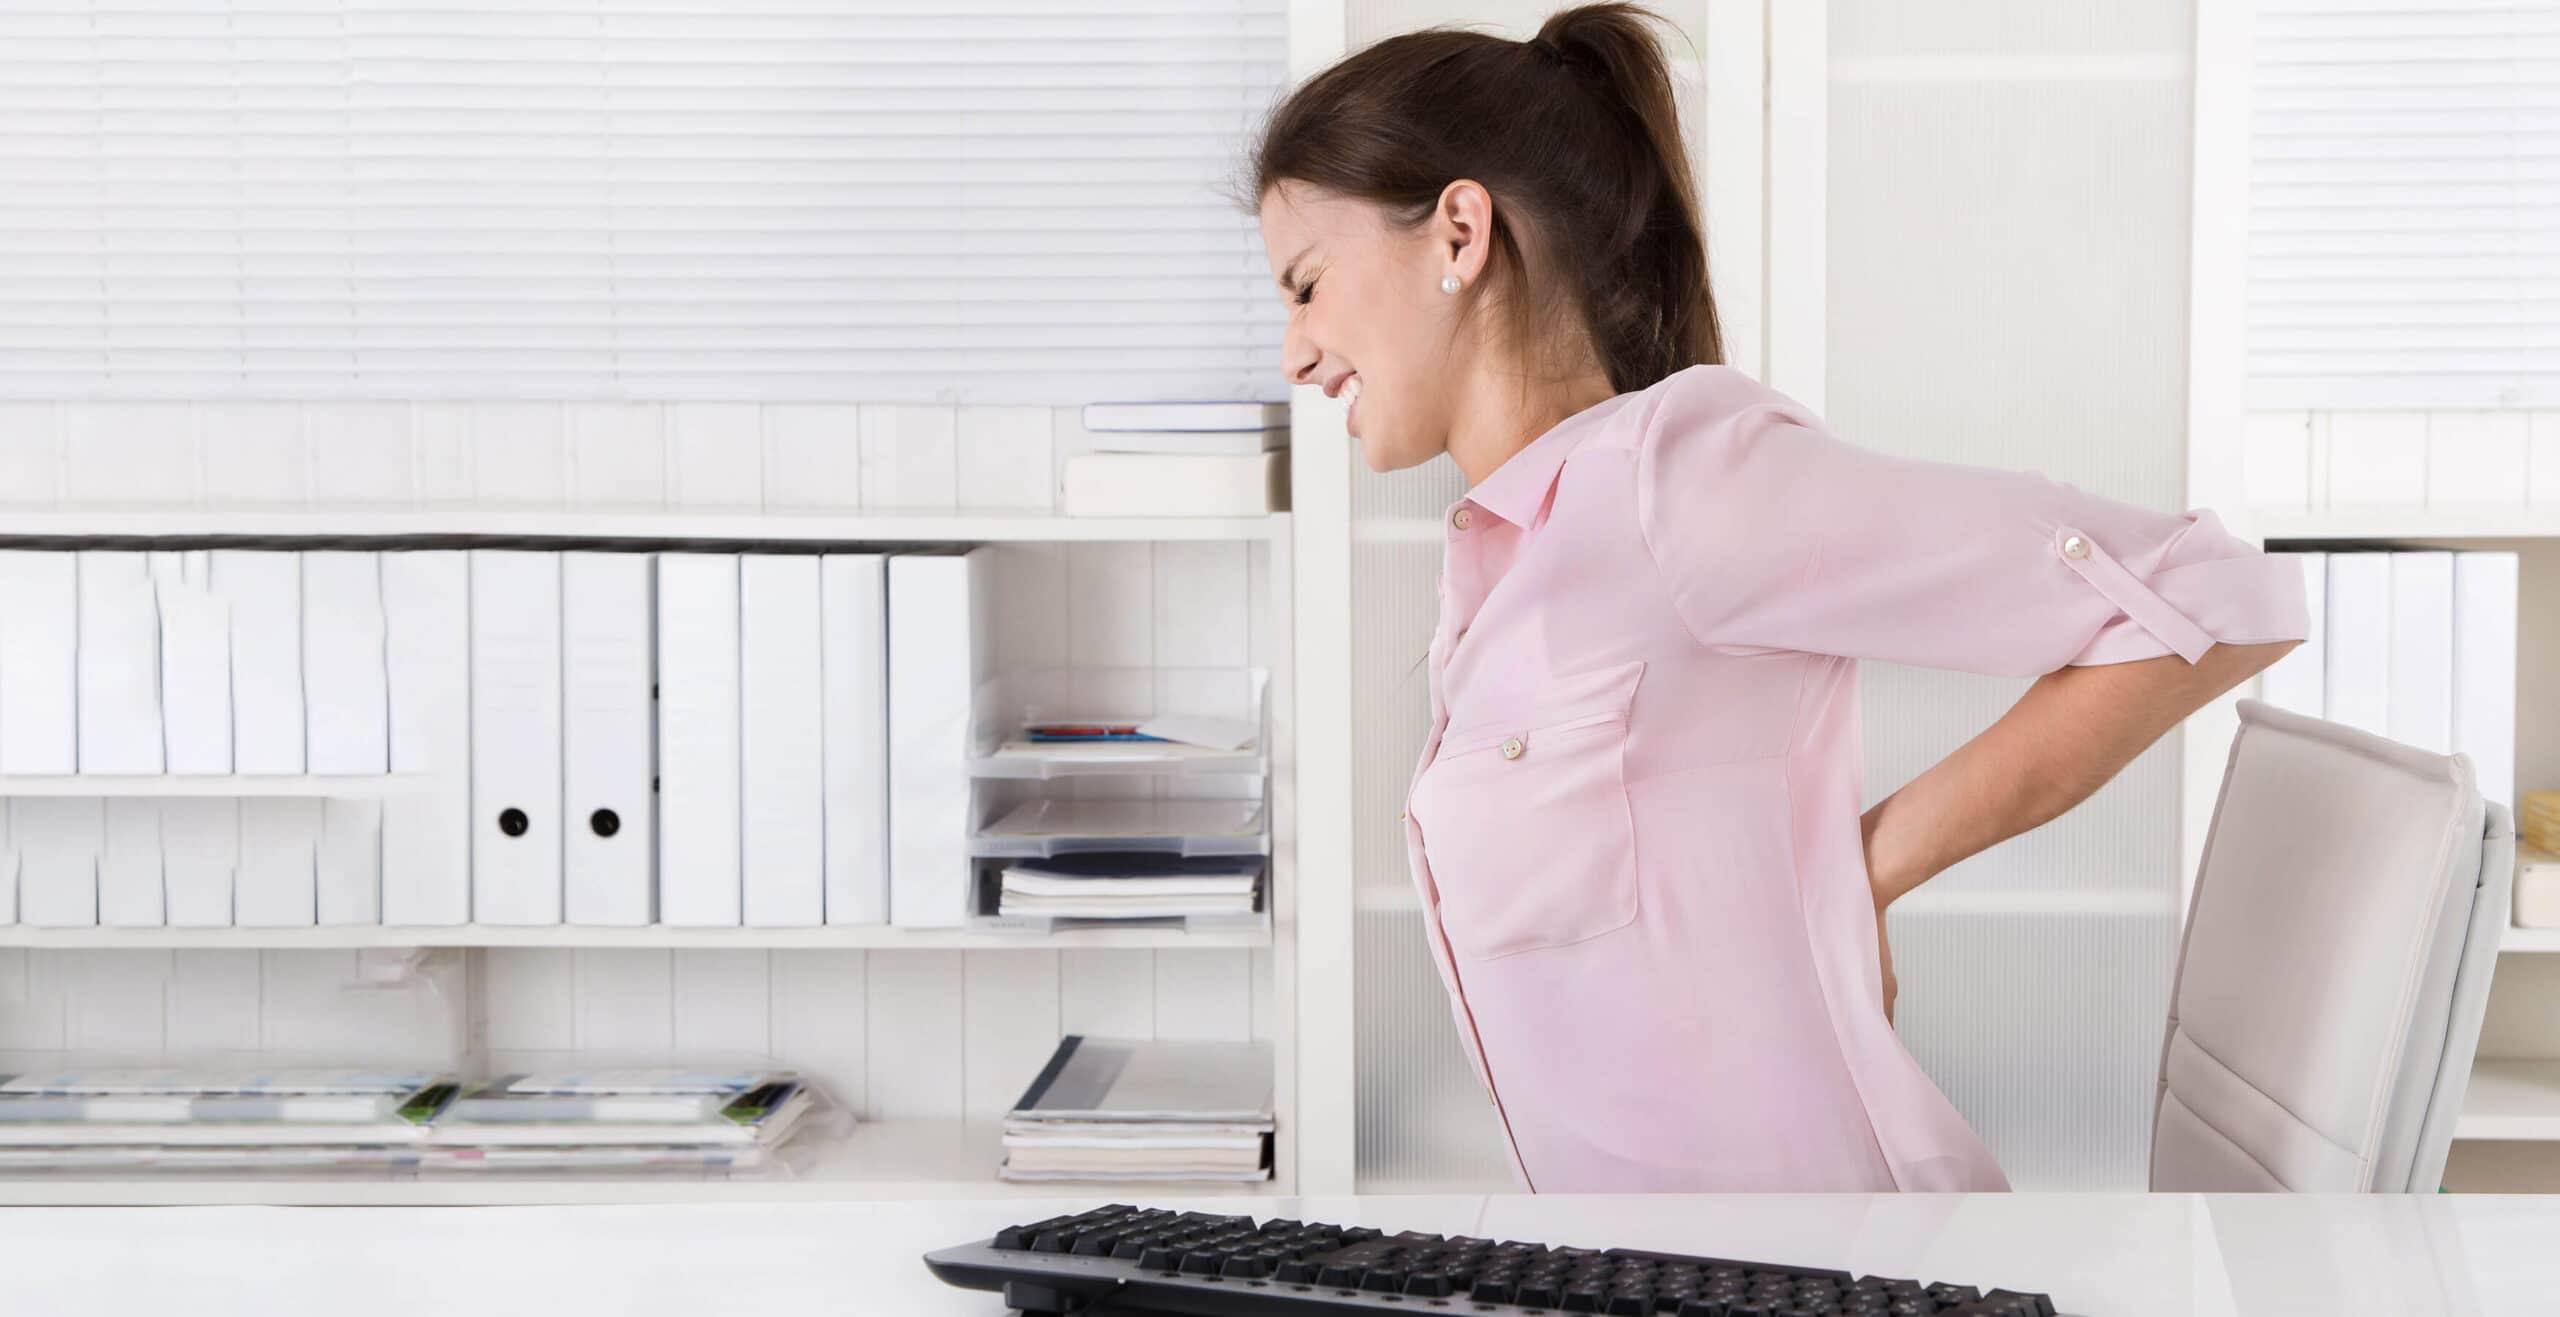 Eine Frau sitzt am Schreibtisch und stuetzt sich wegen ihrer Schmerzen den unteren Ruecken.